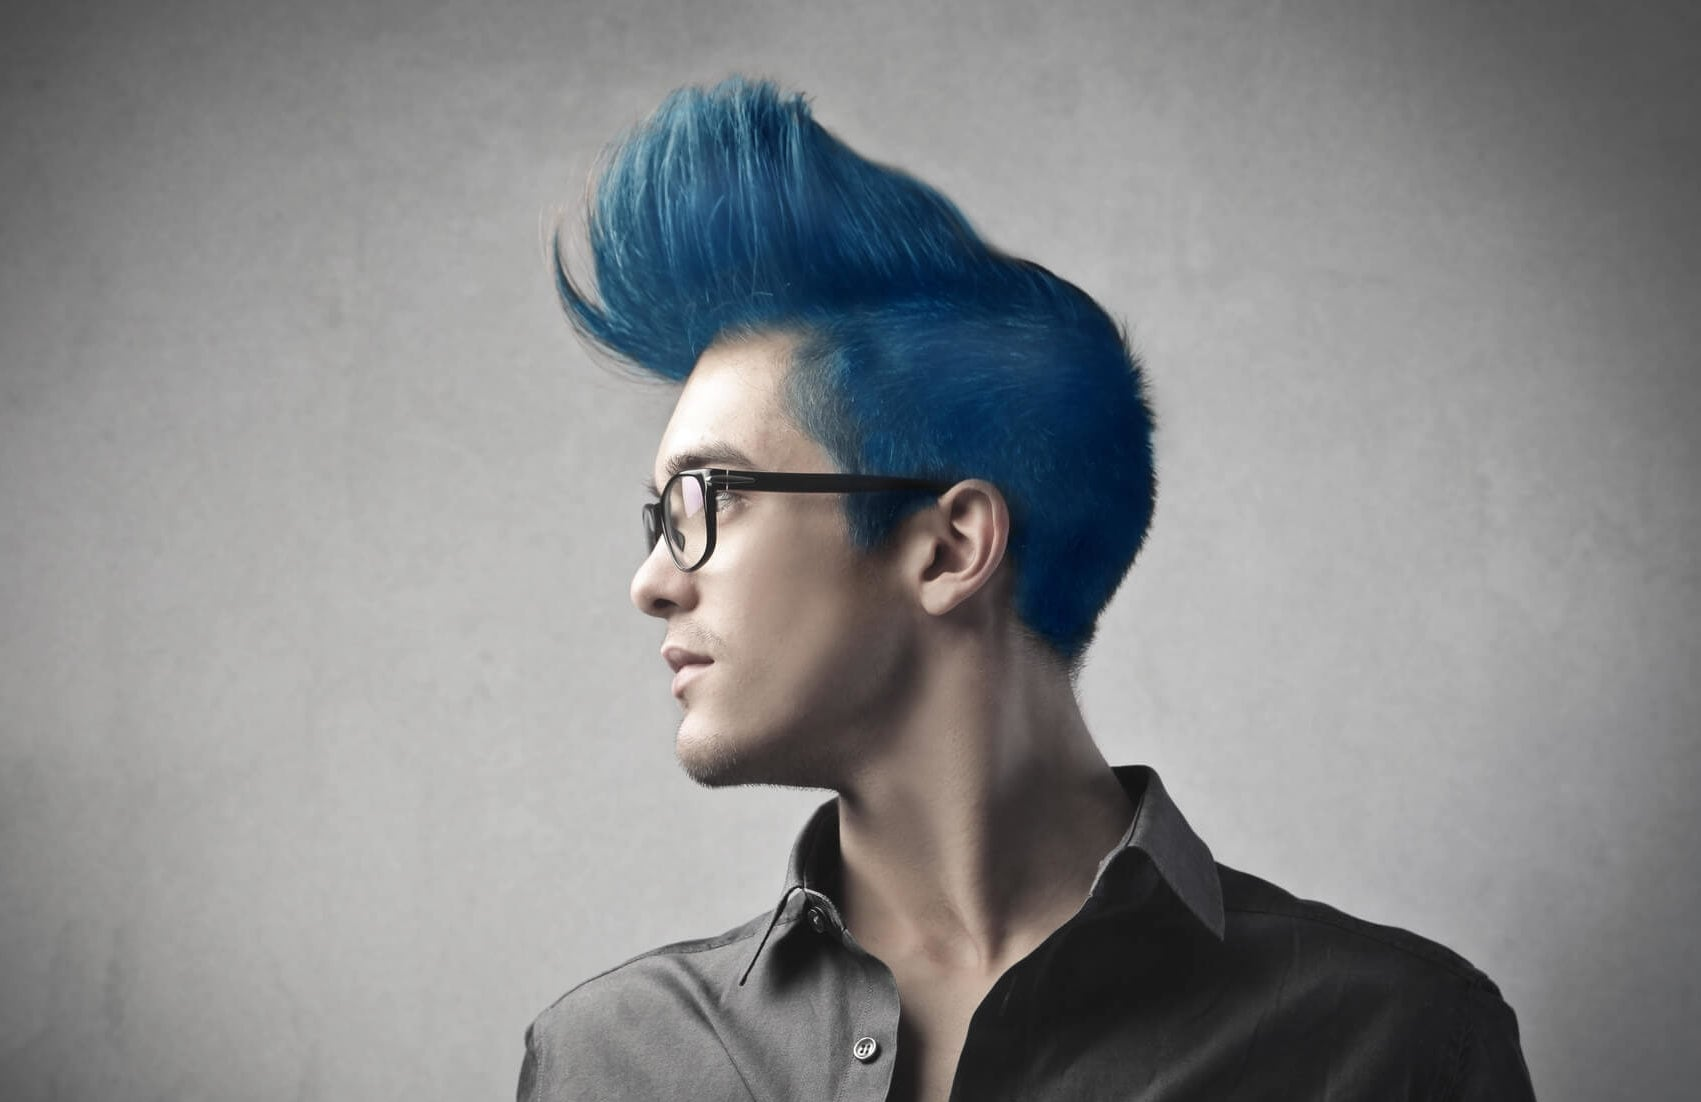 Color De Pelo Para Hombres 8 Ideas Geniales Para Cambiar